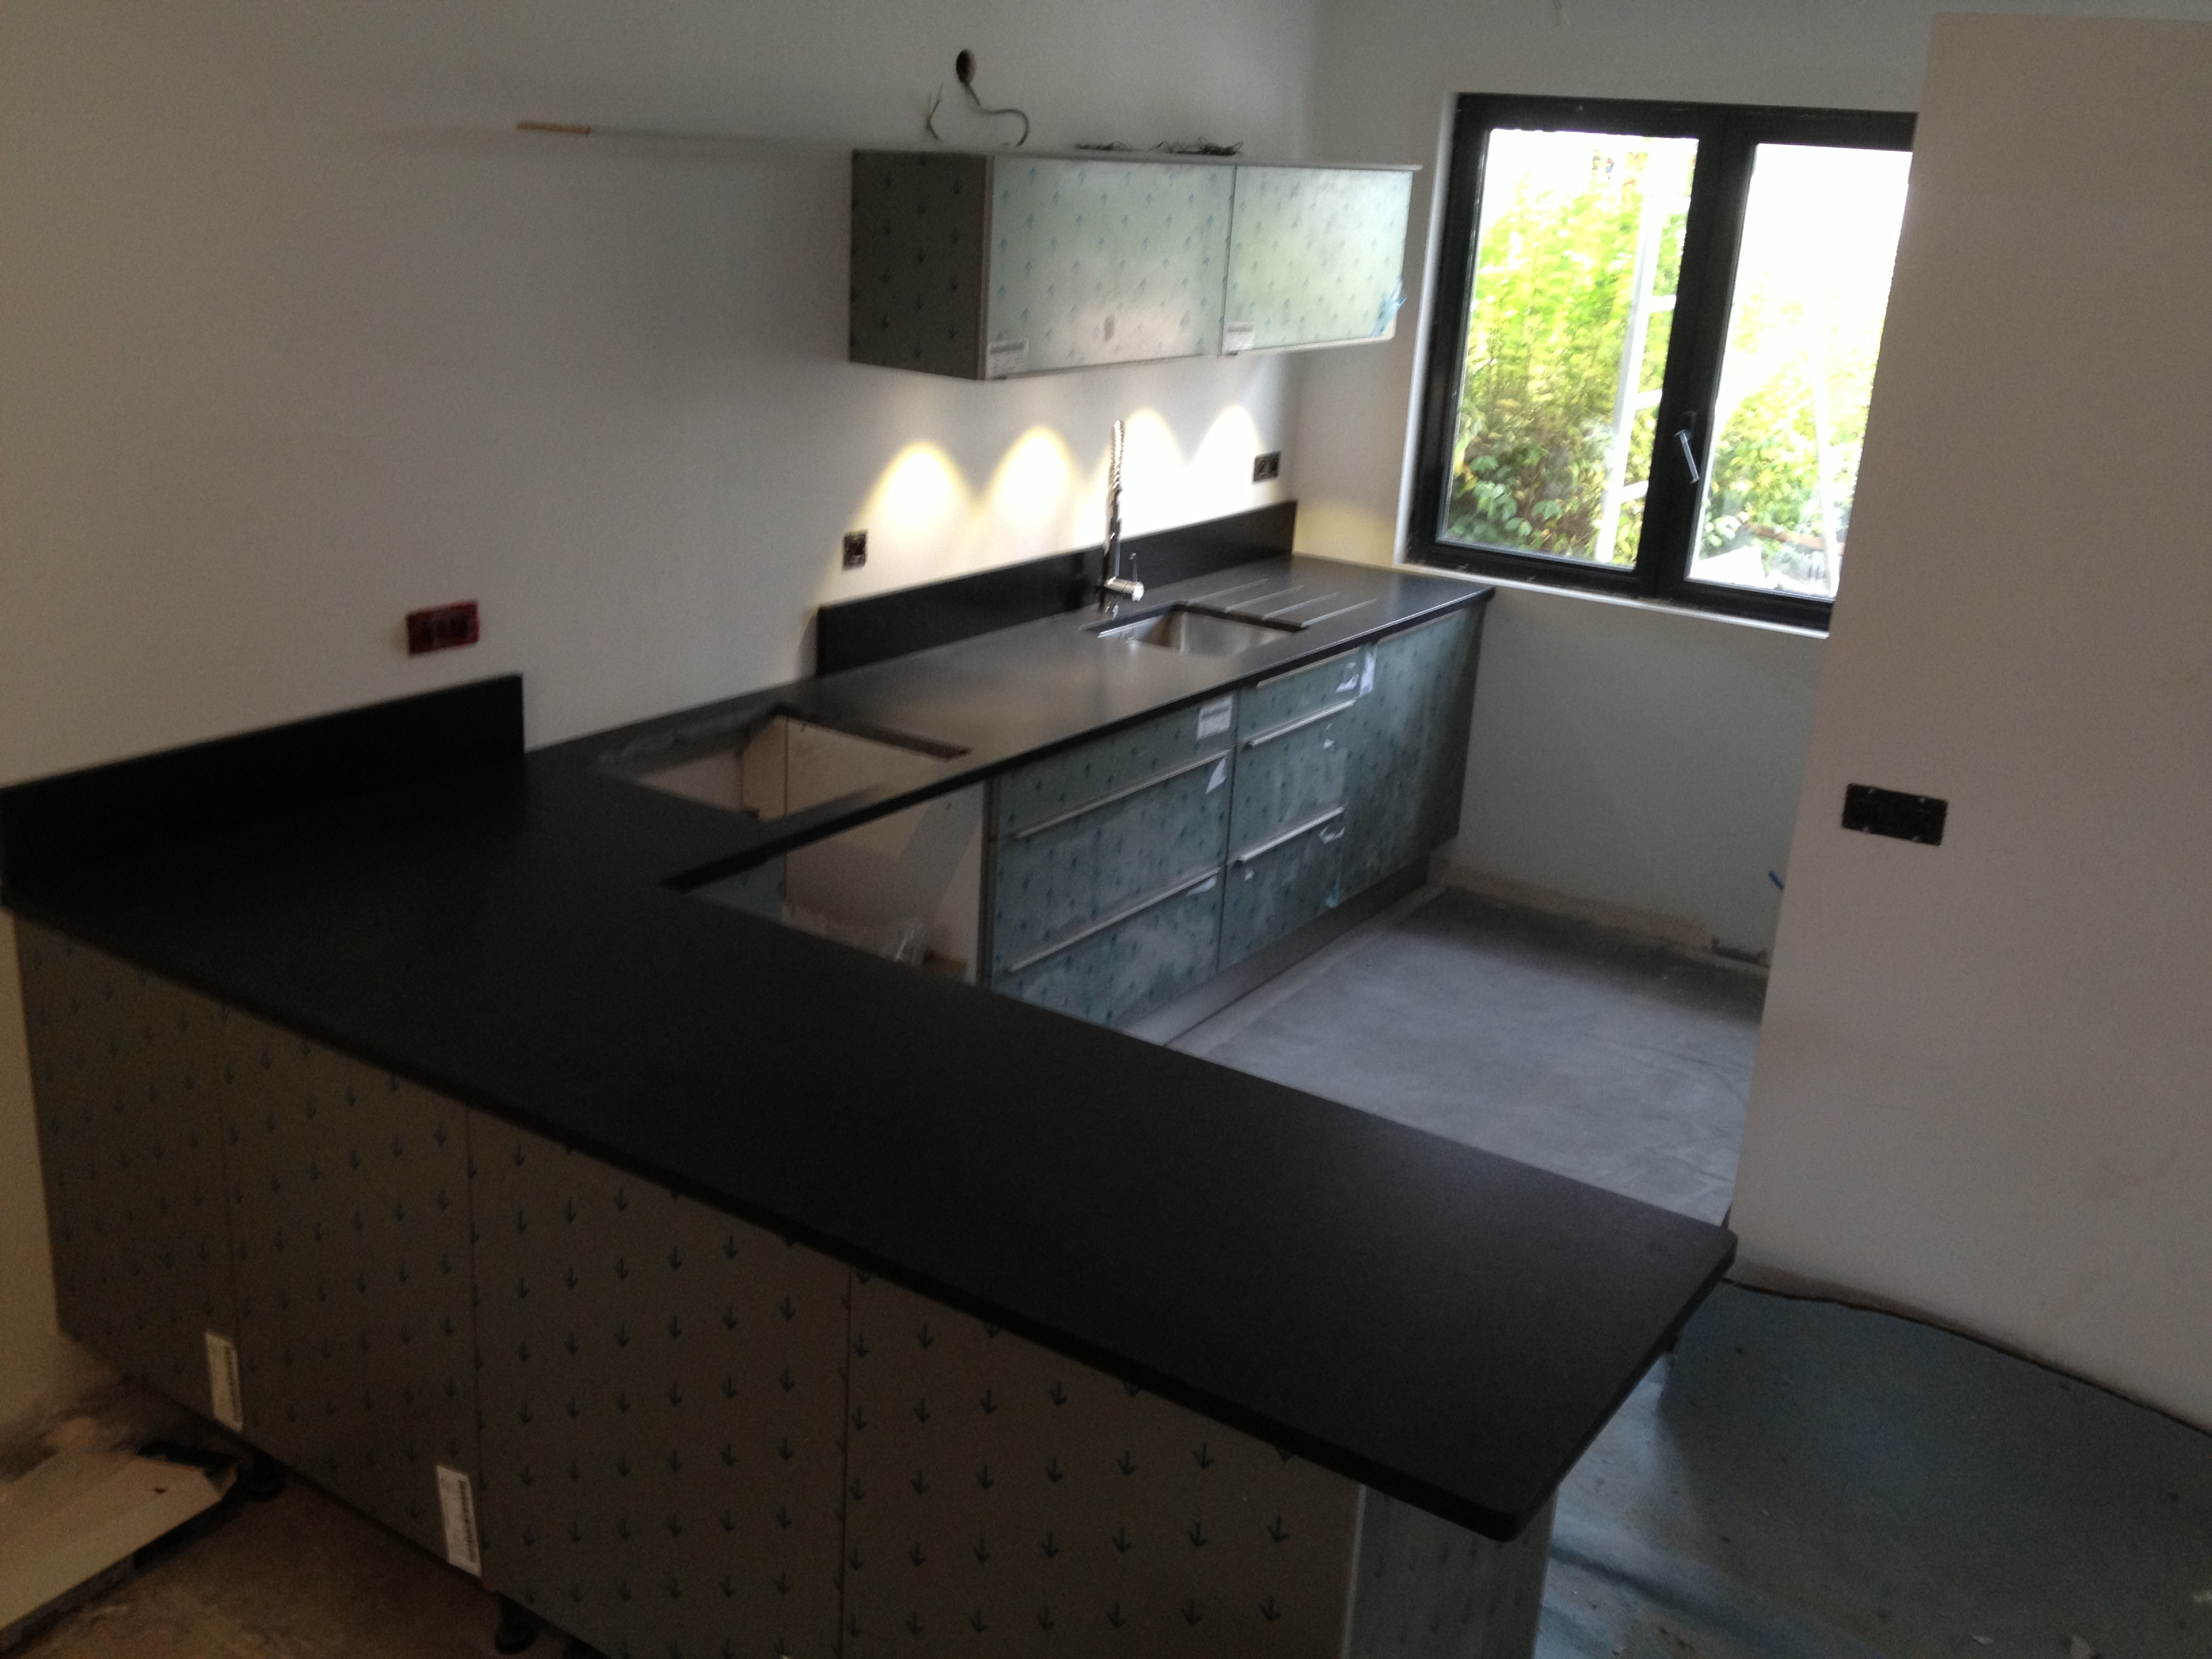 devis plan de travail com paris granit quartz marbre plan de travail cuisine granit noir. Black Bedroom Furniture Sets. Home Design Ideas